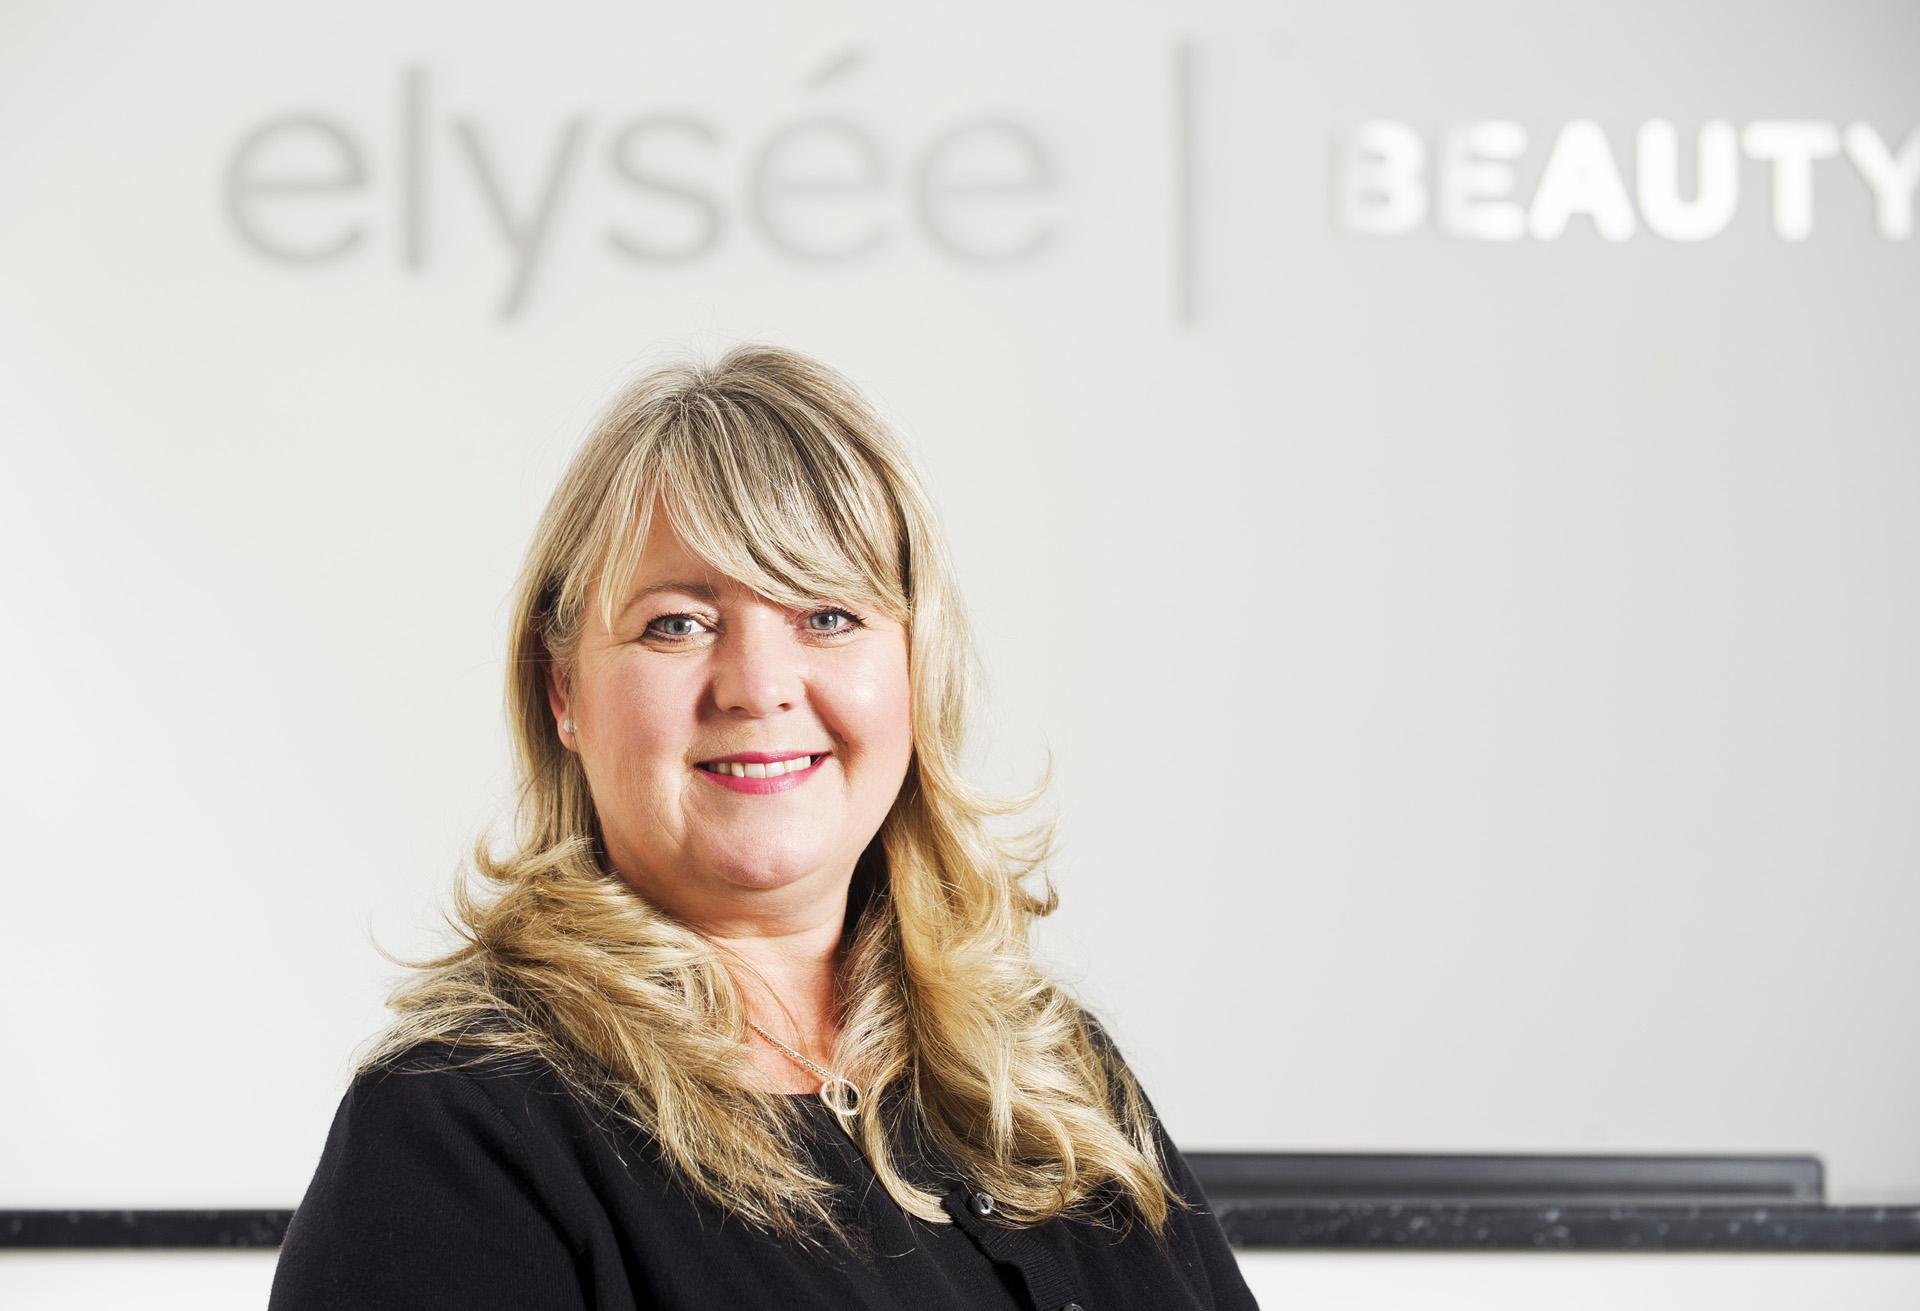 VANESSA - SALON ELYSEE BEAUTY & AESTHETICS